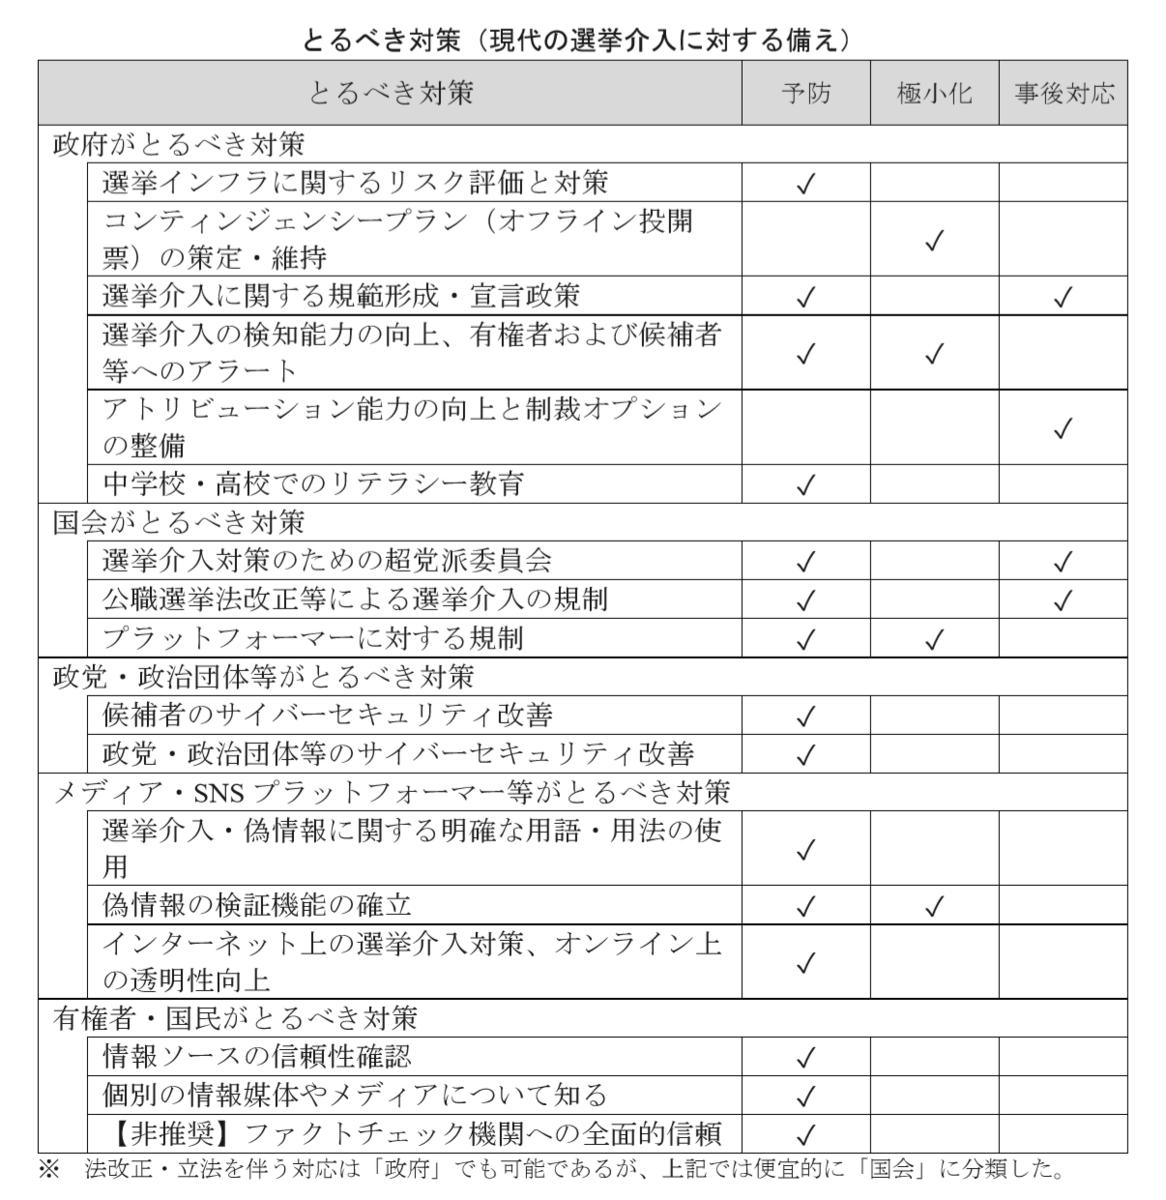 f:id:kaikakujapan:20191101085136p:plain